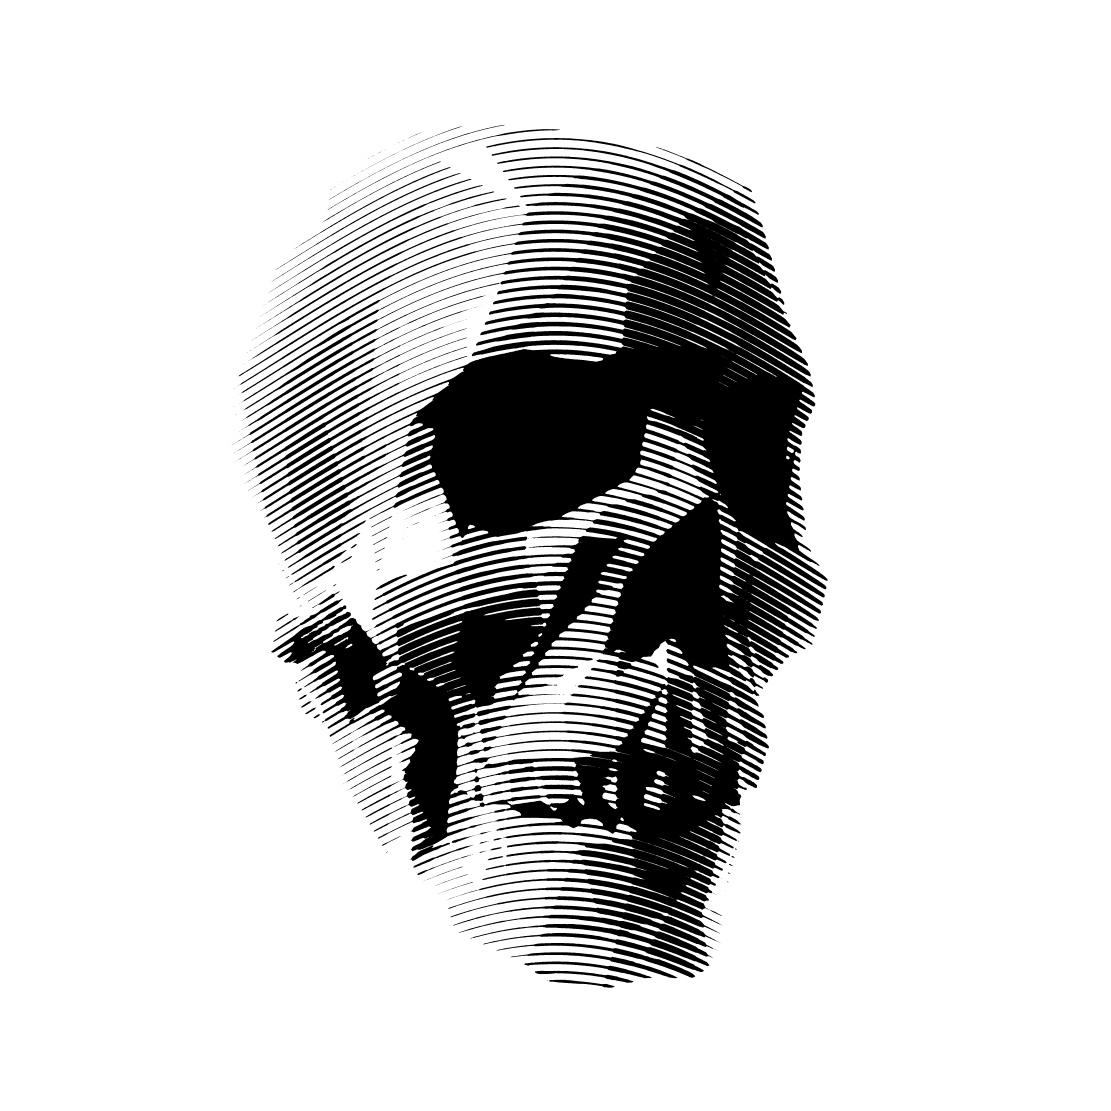 skull_cybermonk-de_popart_035.jpg